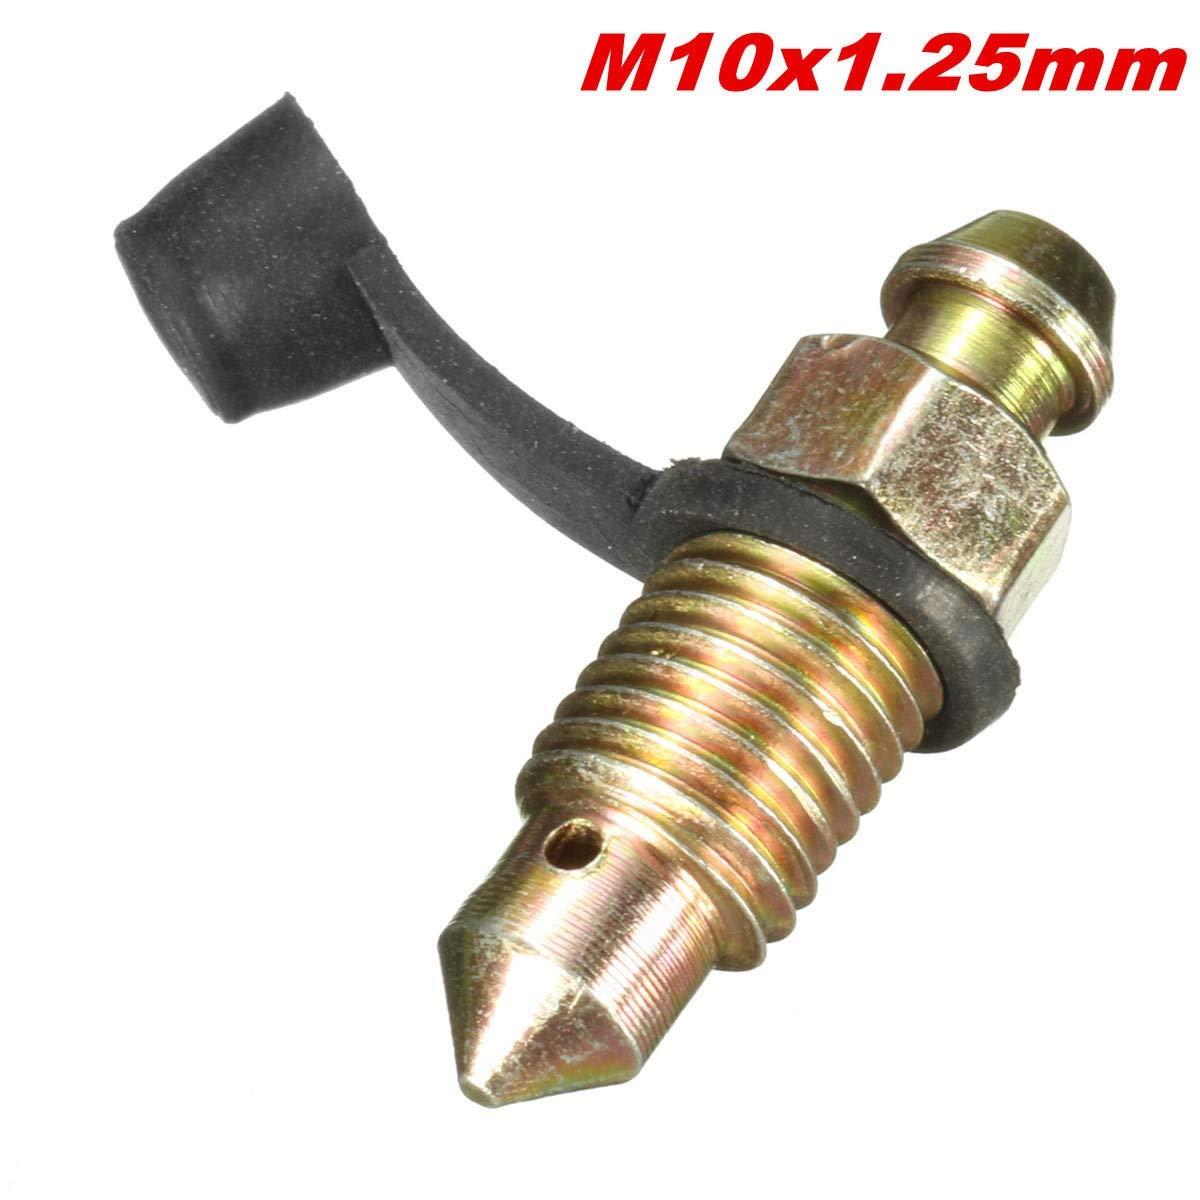 M10 x 1,25 mm Pinza freno Spurgo vite Nipplo Coperchio antipolvere for moto Accessori